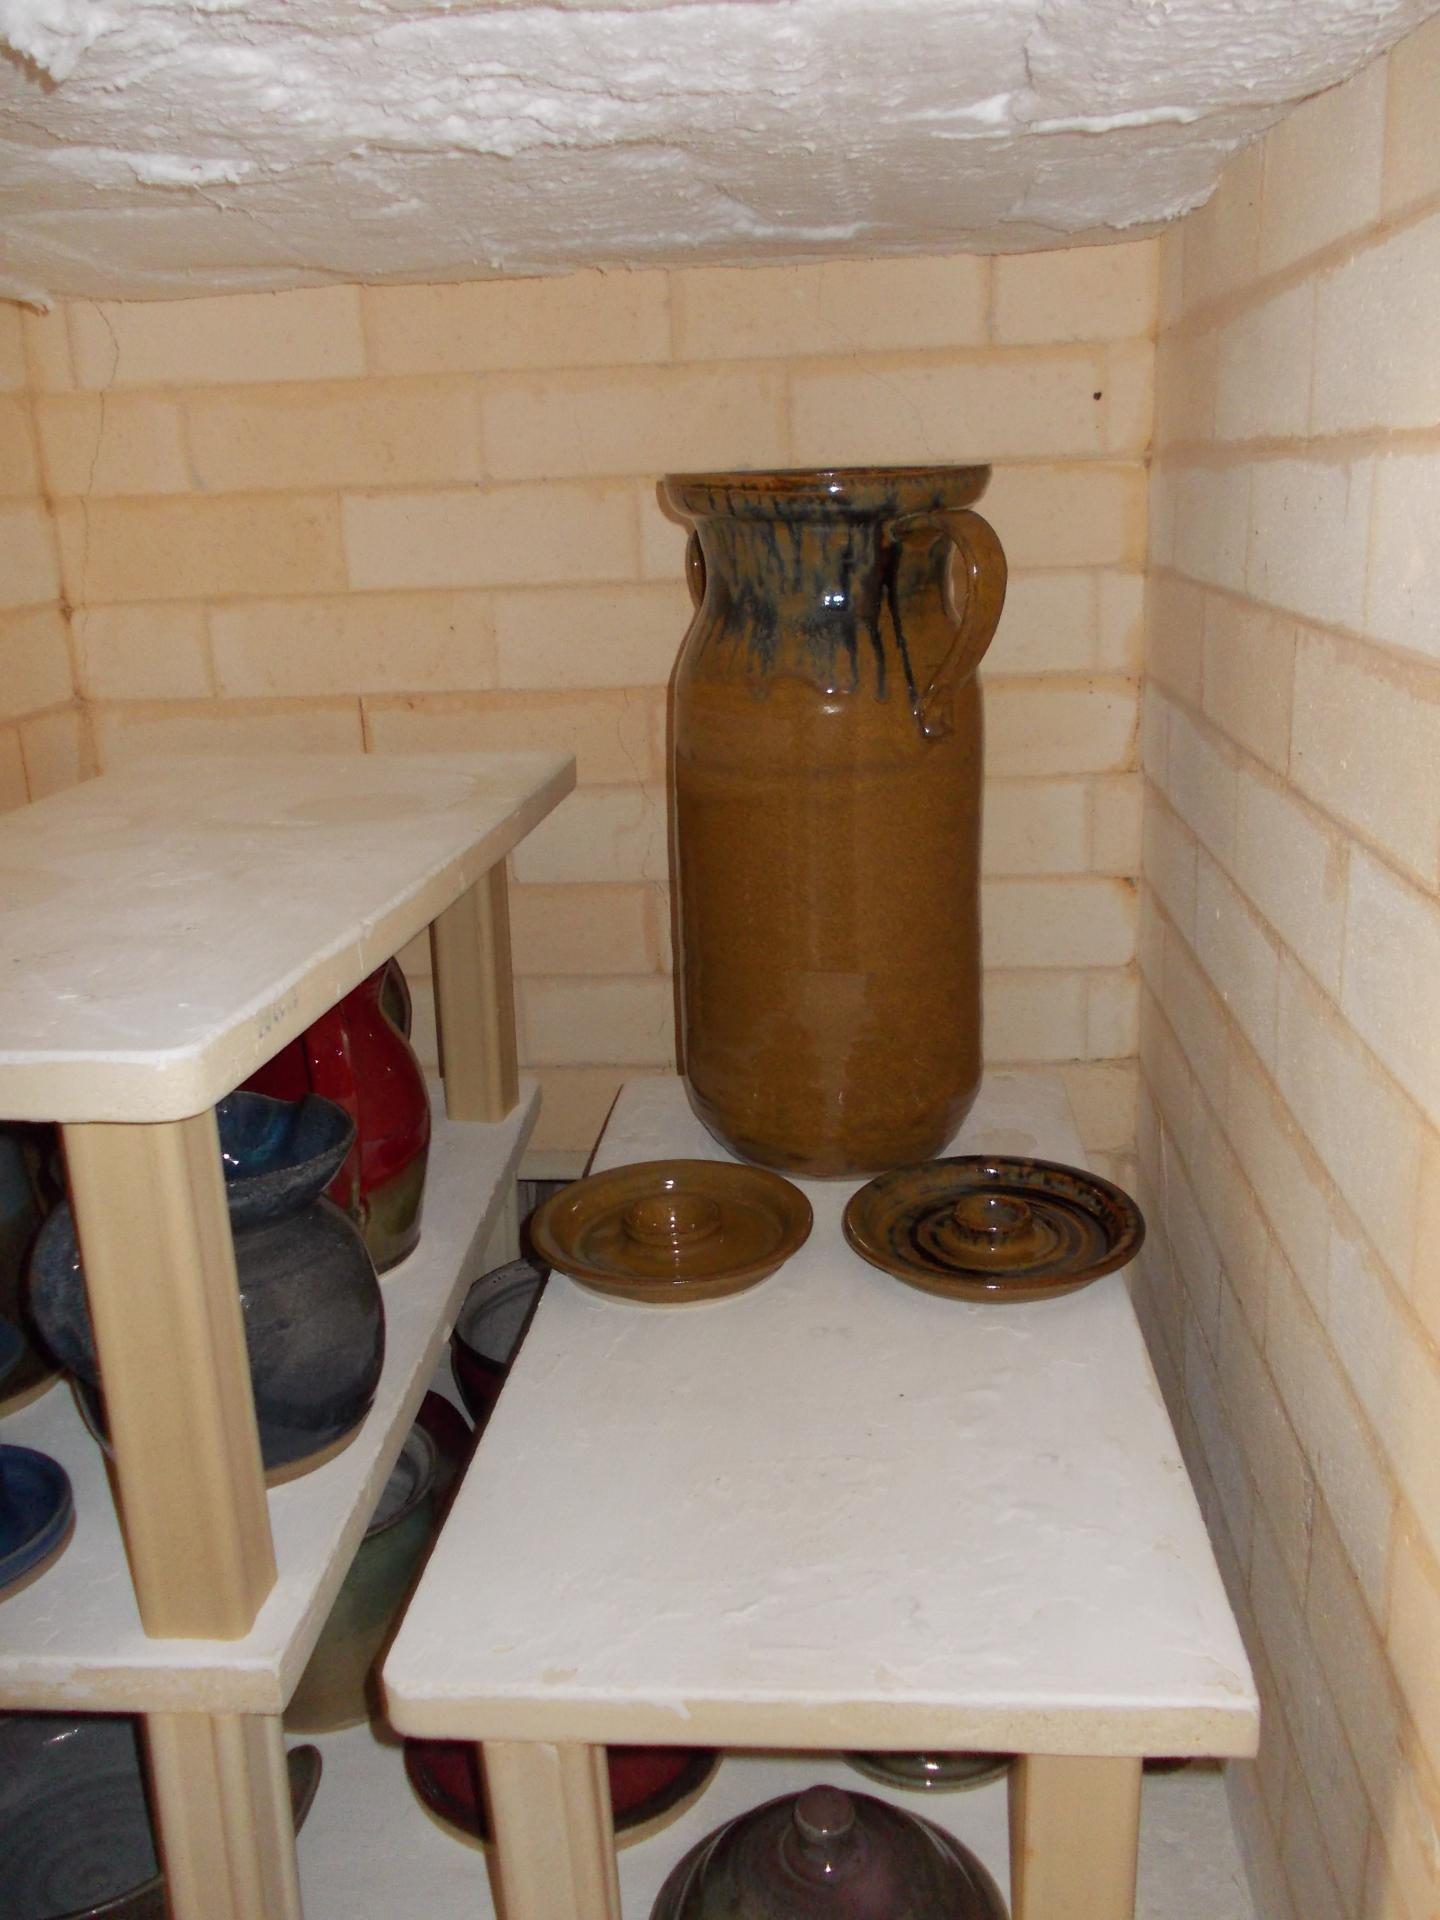 Glazed Churn in Kiln